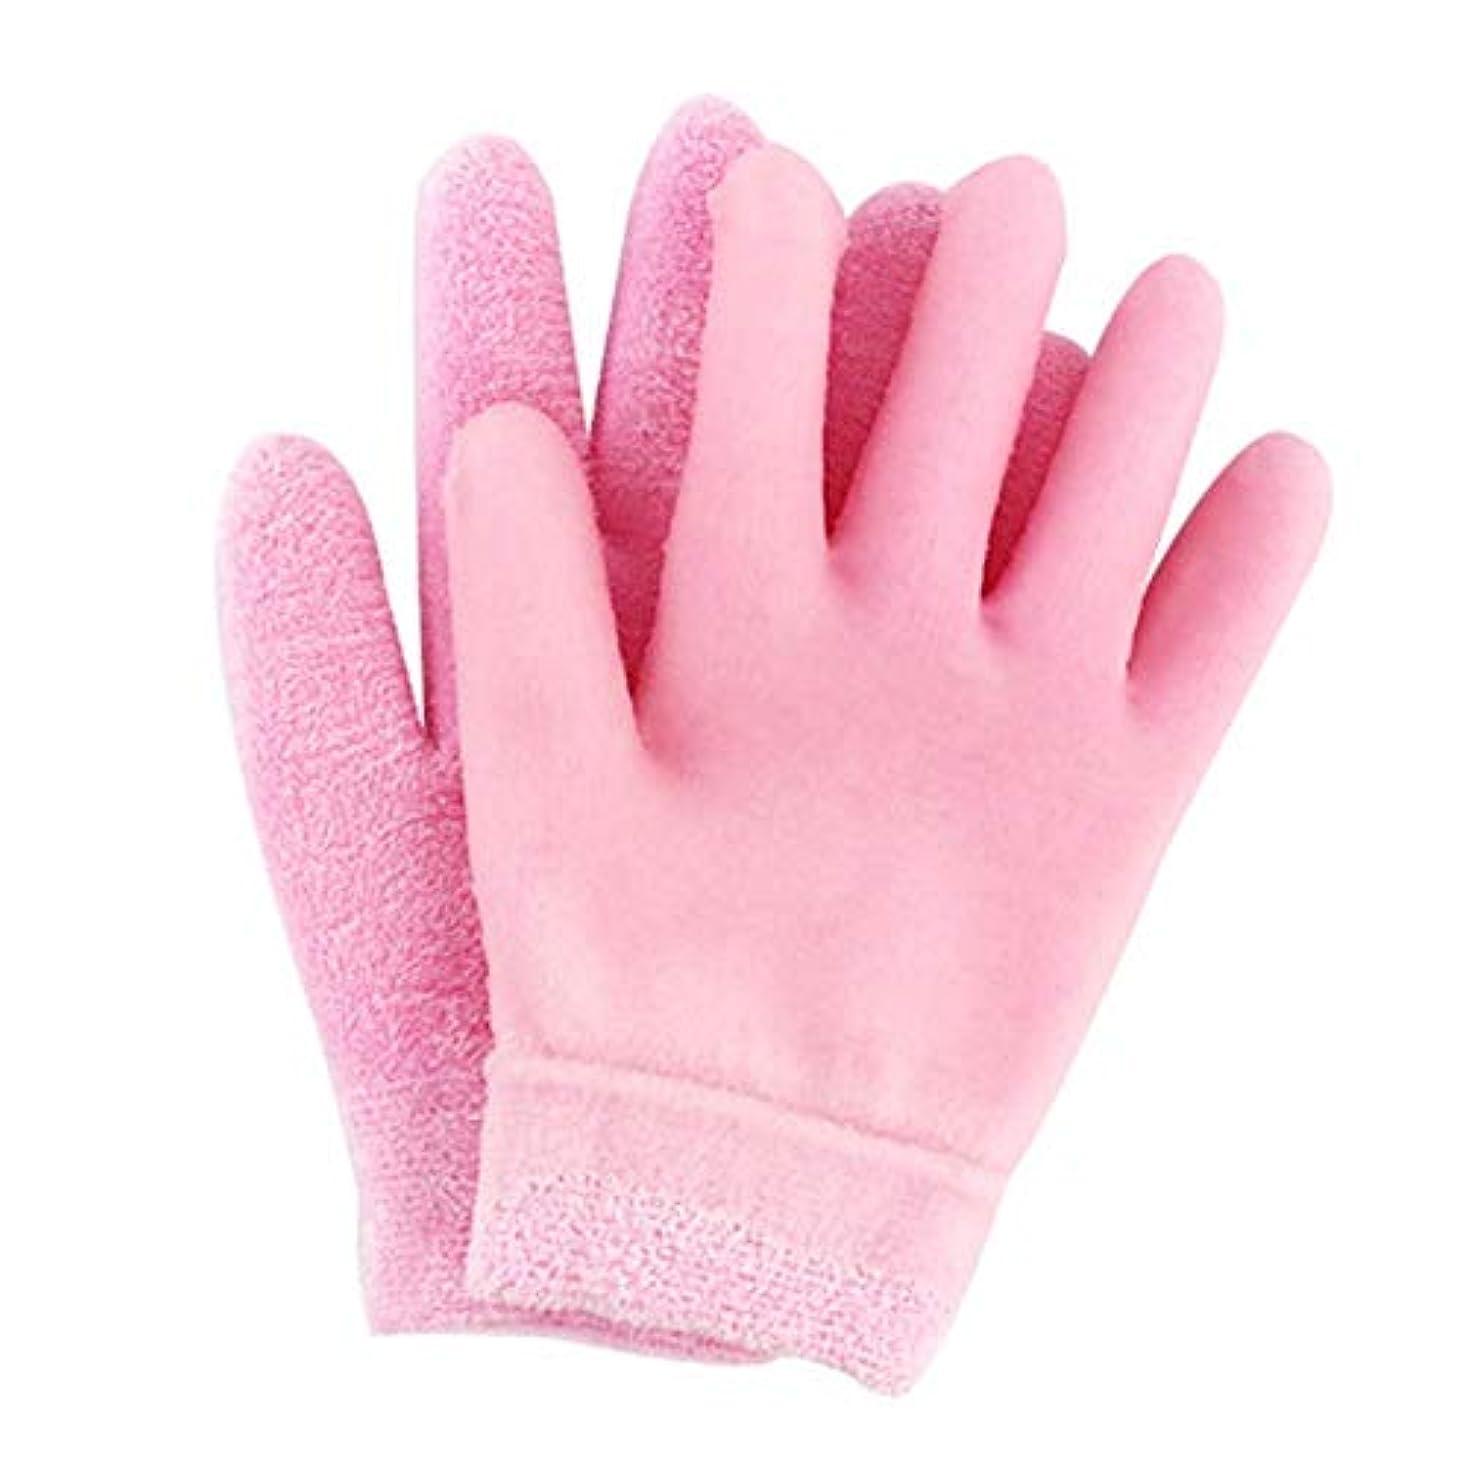 苦難愛情深い首chaselpod 美容 保湿 手袋 ハイドロ ジェル グローブ 手荒れ対策 フリーサイズ